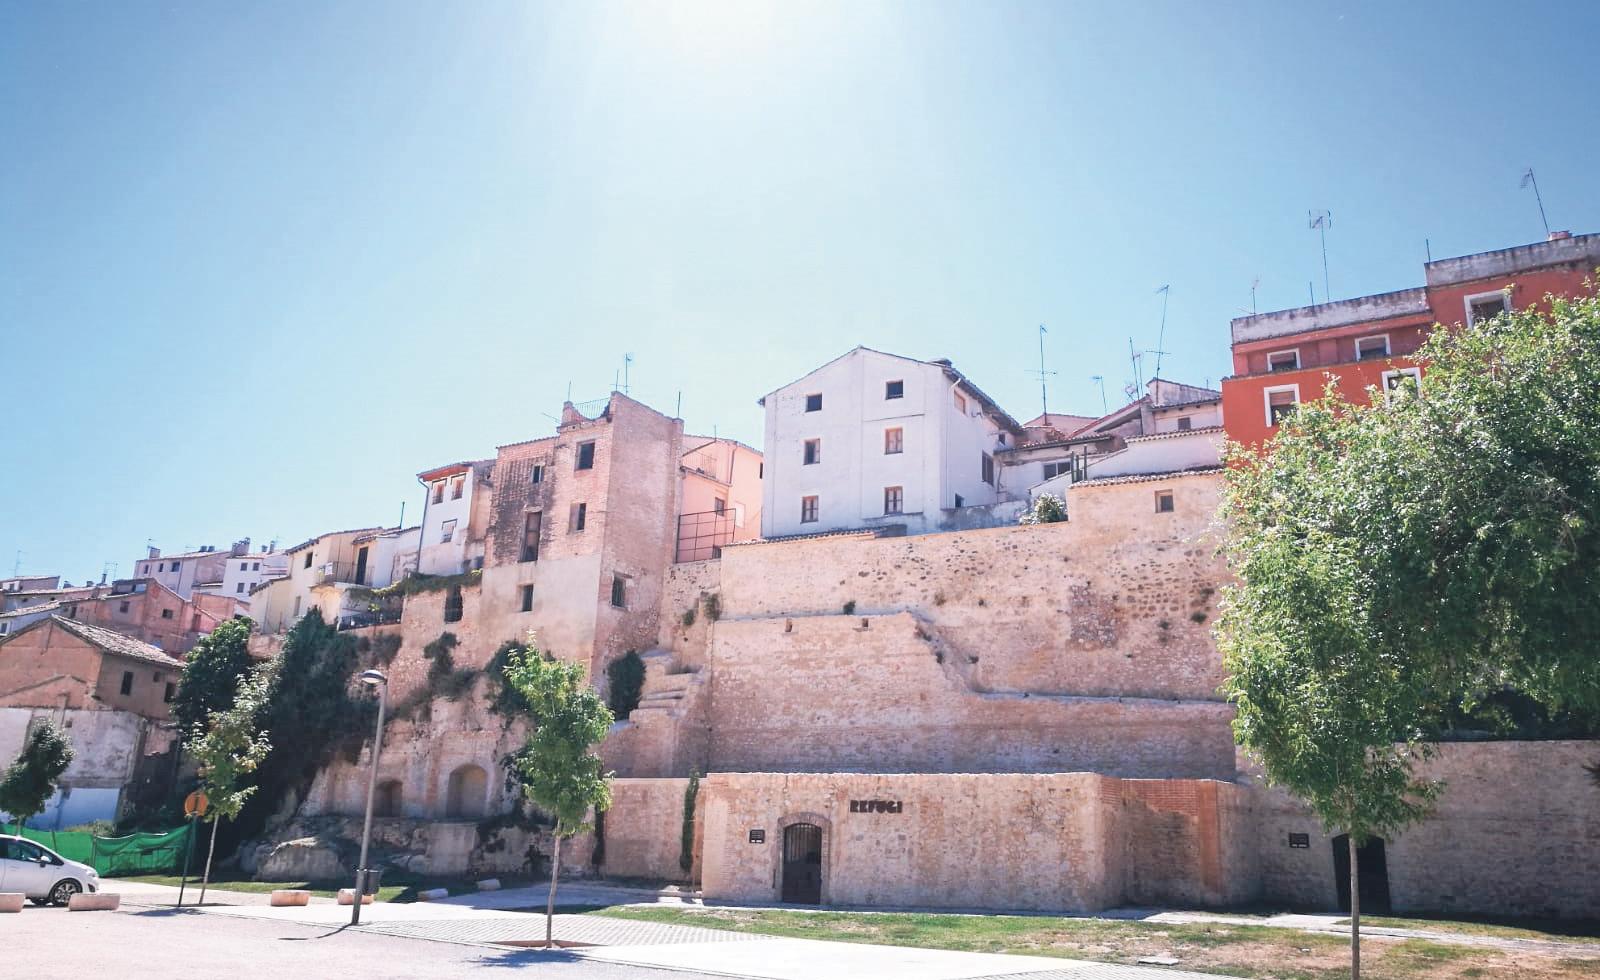 La Muralla nord i millora de l'accessibilitat del barri de la Vila prop de ser realitat El Periòdic d'Ontinyent - Noticies a Ontinyent